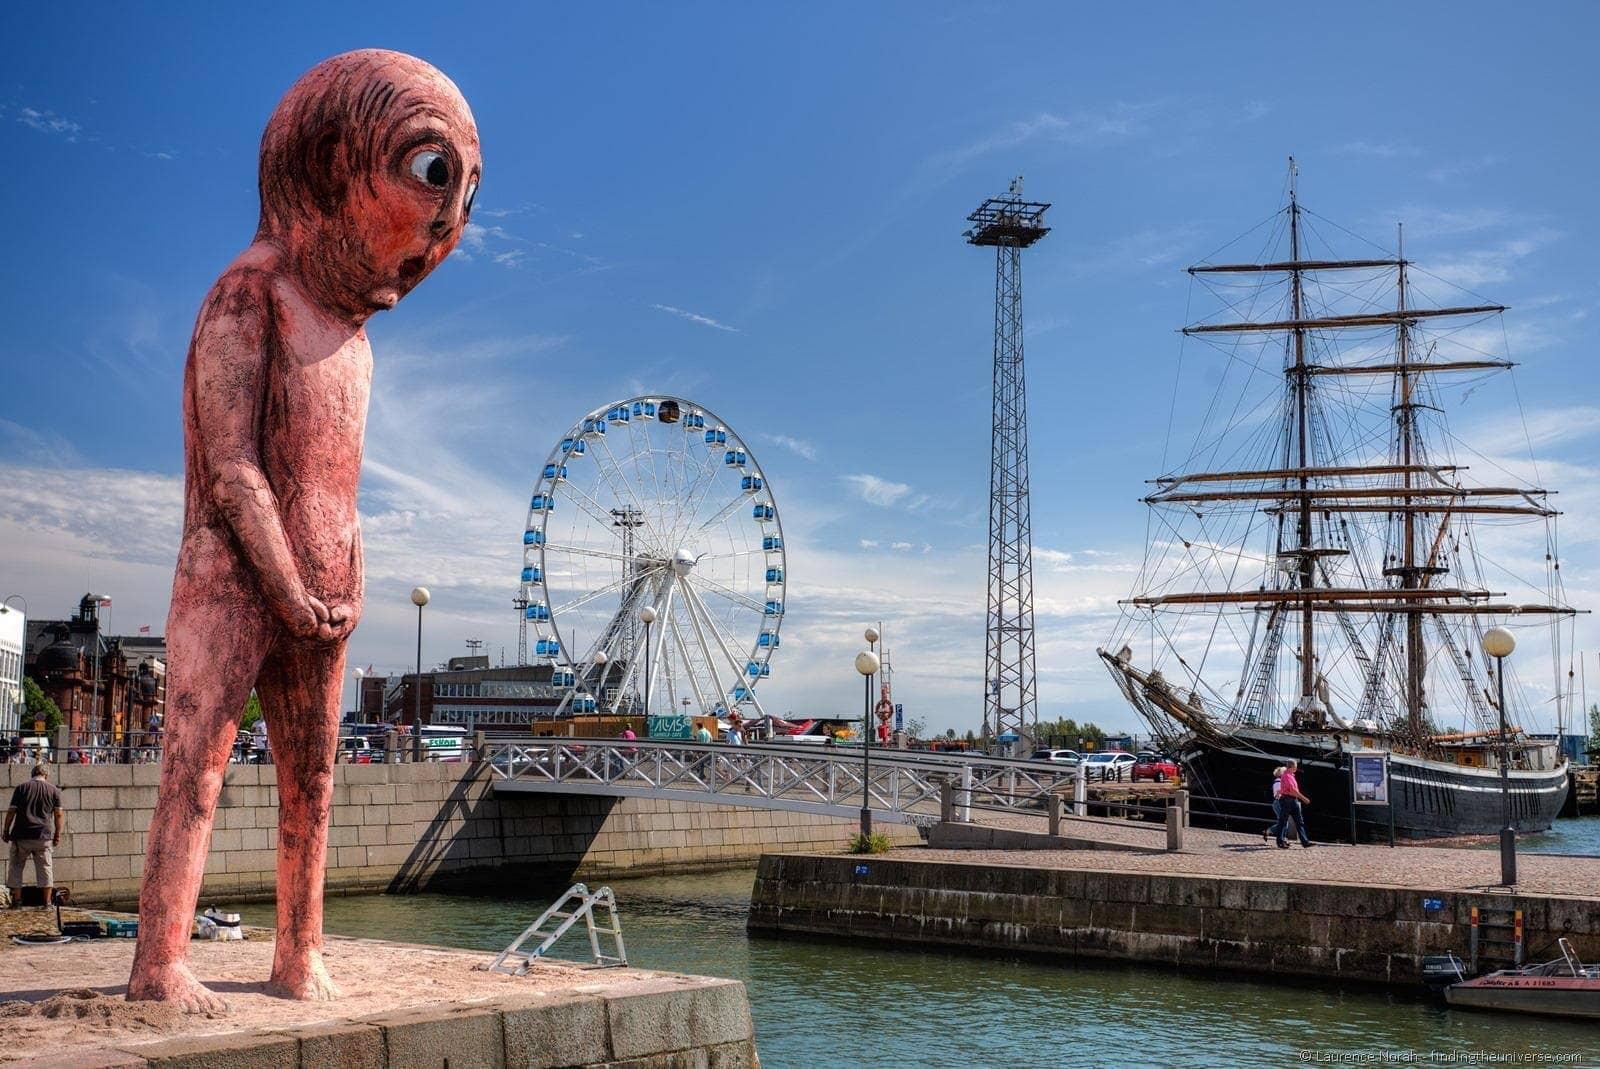 Naked pink man Statue in Helsinki